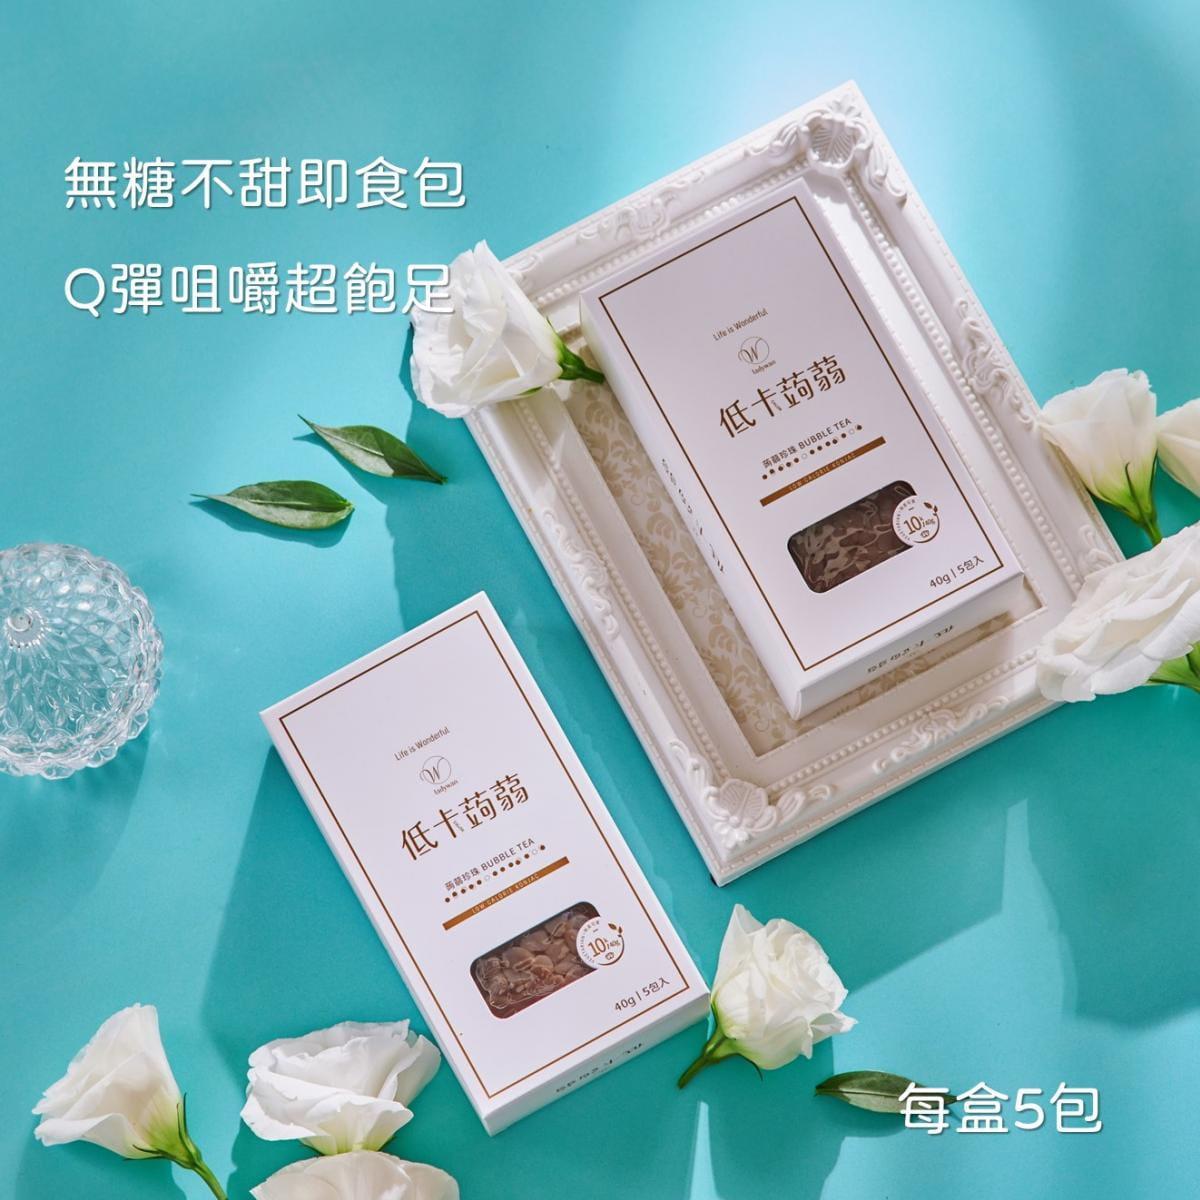 【ladywan旺小姐】低卡蒟蒻珍珠之選(純素)-每盒5包 2